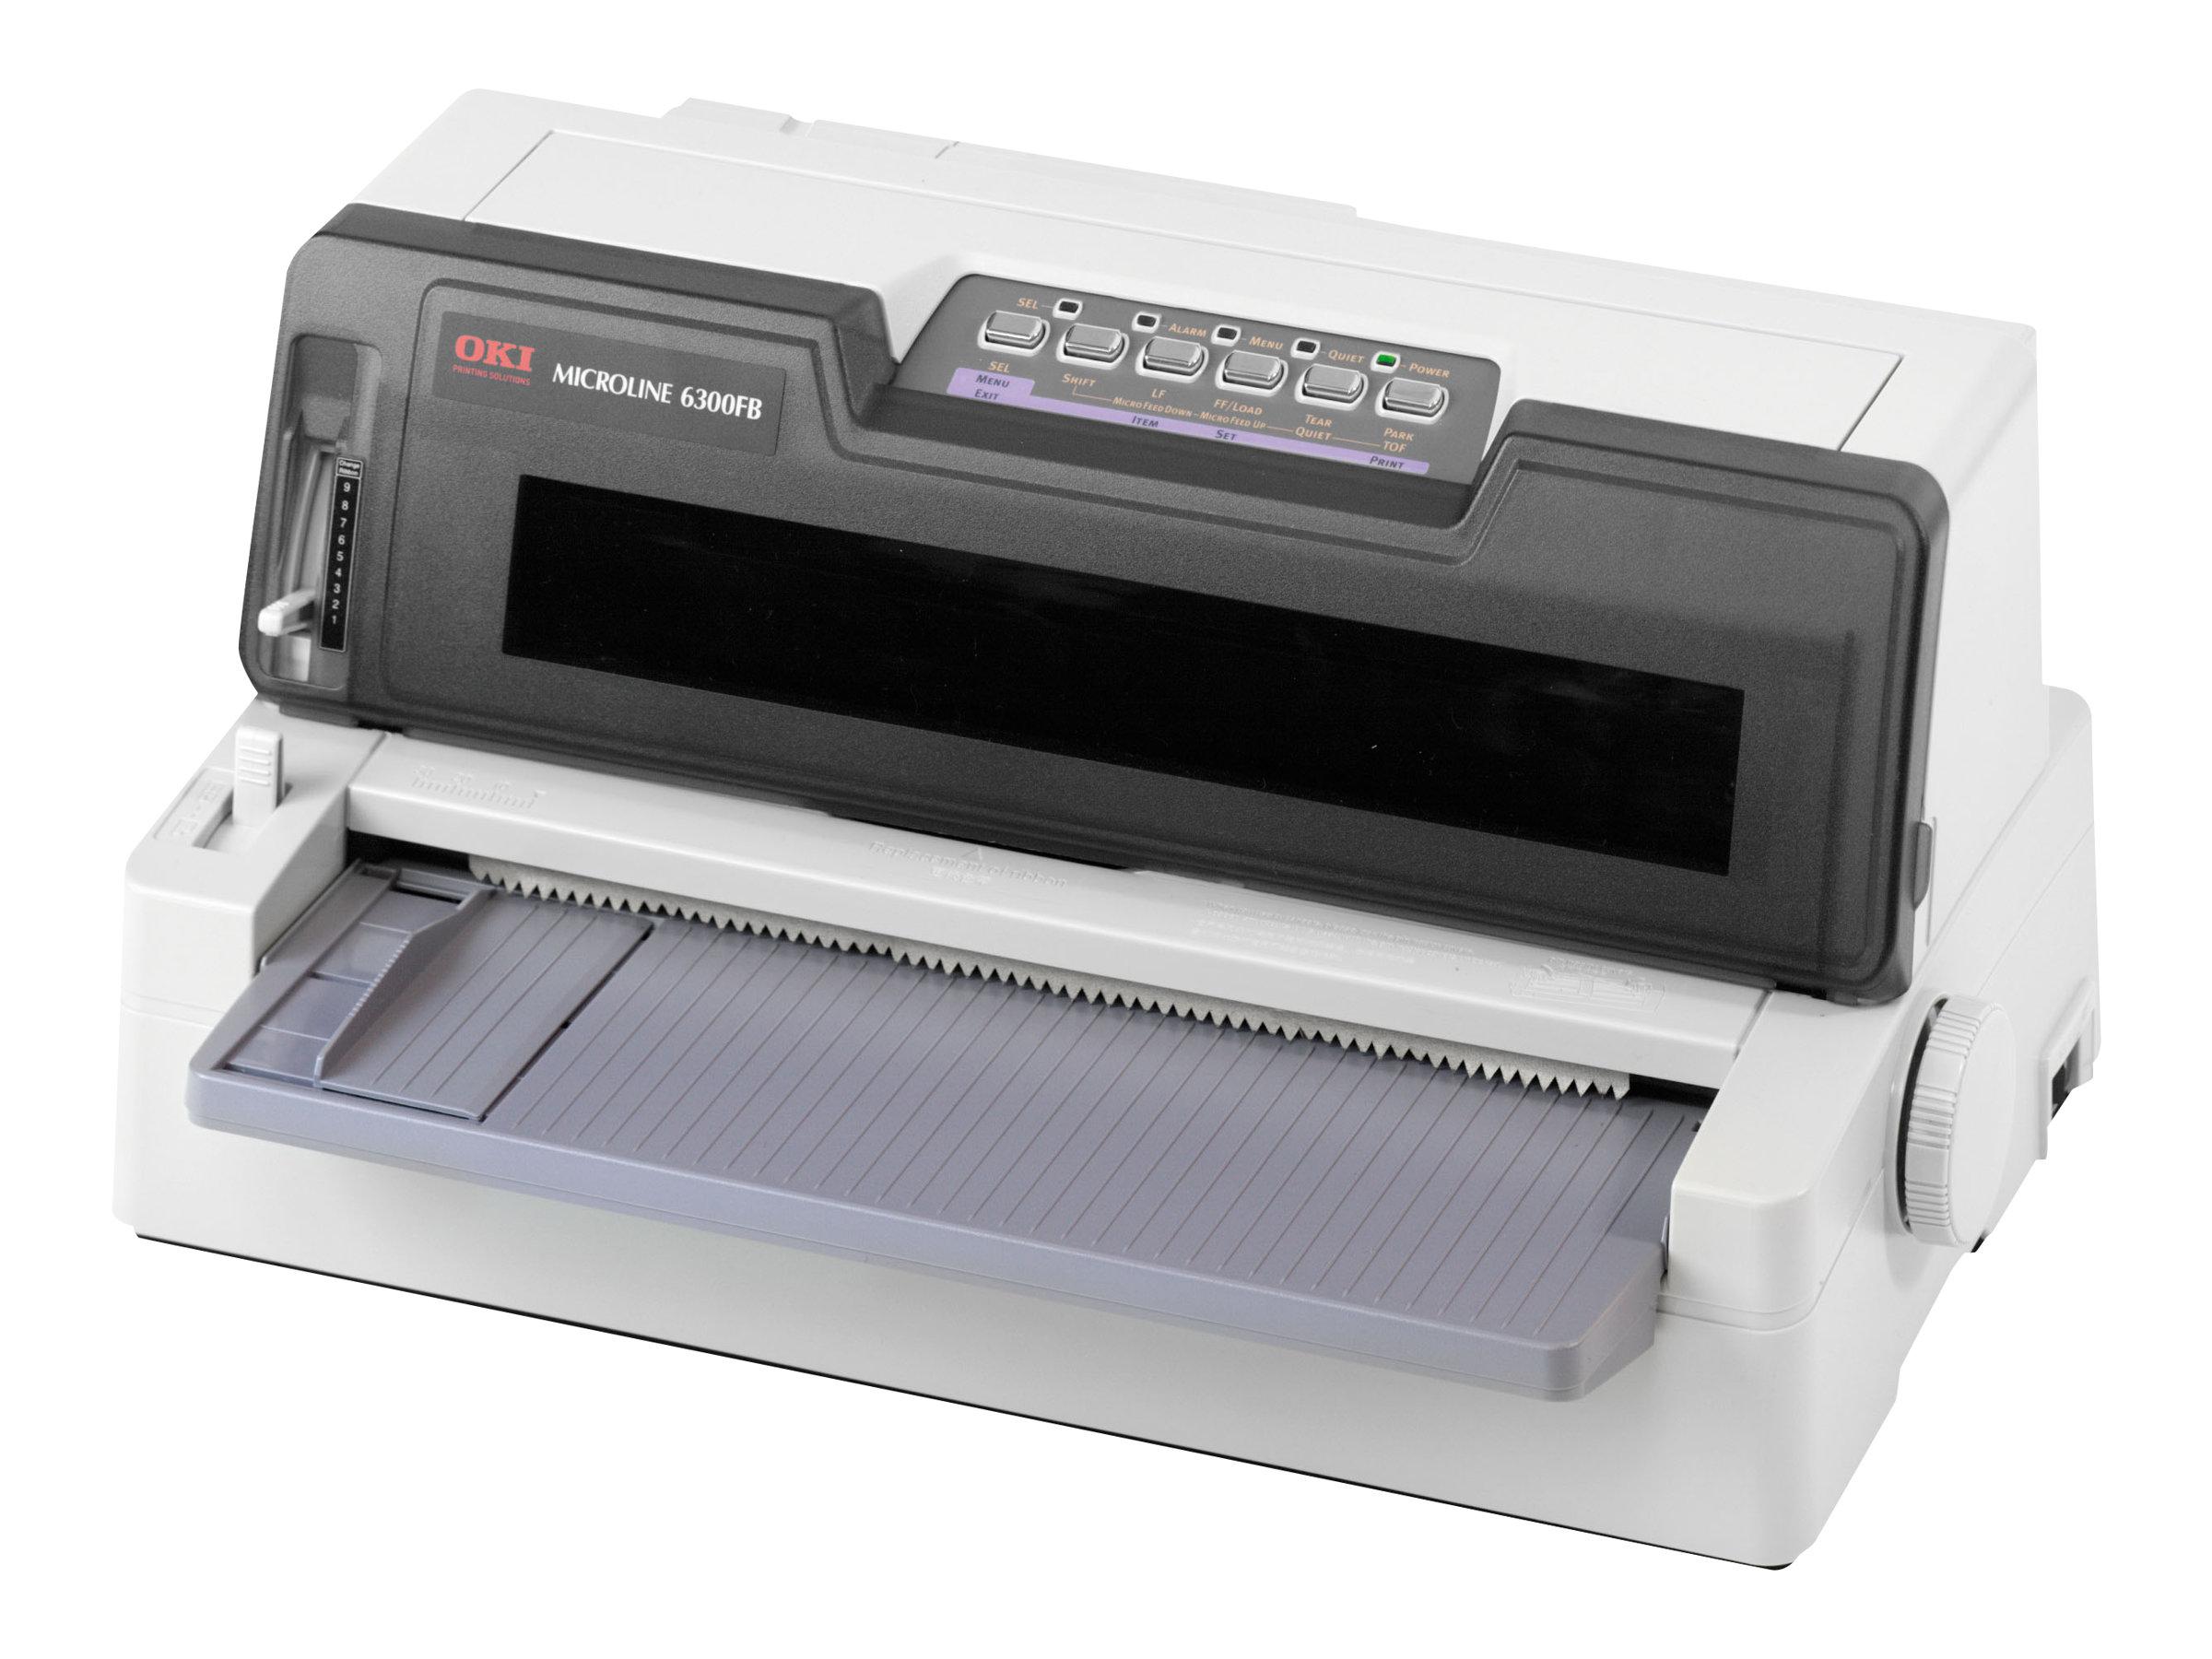 OKI Microline 6300 FB-SC - Drucker - monochrom - Punktmatrix - 304,8 mm (Breite)